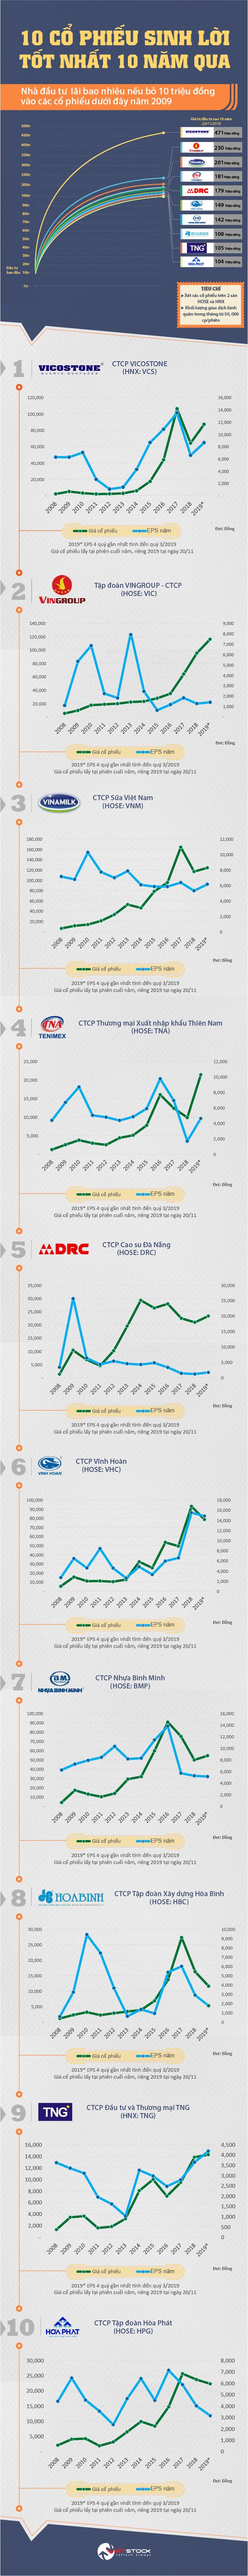 [Infographic] Top 10 cổ phiếu sinh lời tốt nhất 10 năm qua   Vietstock